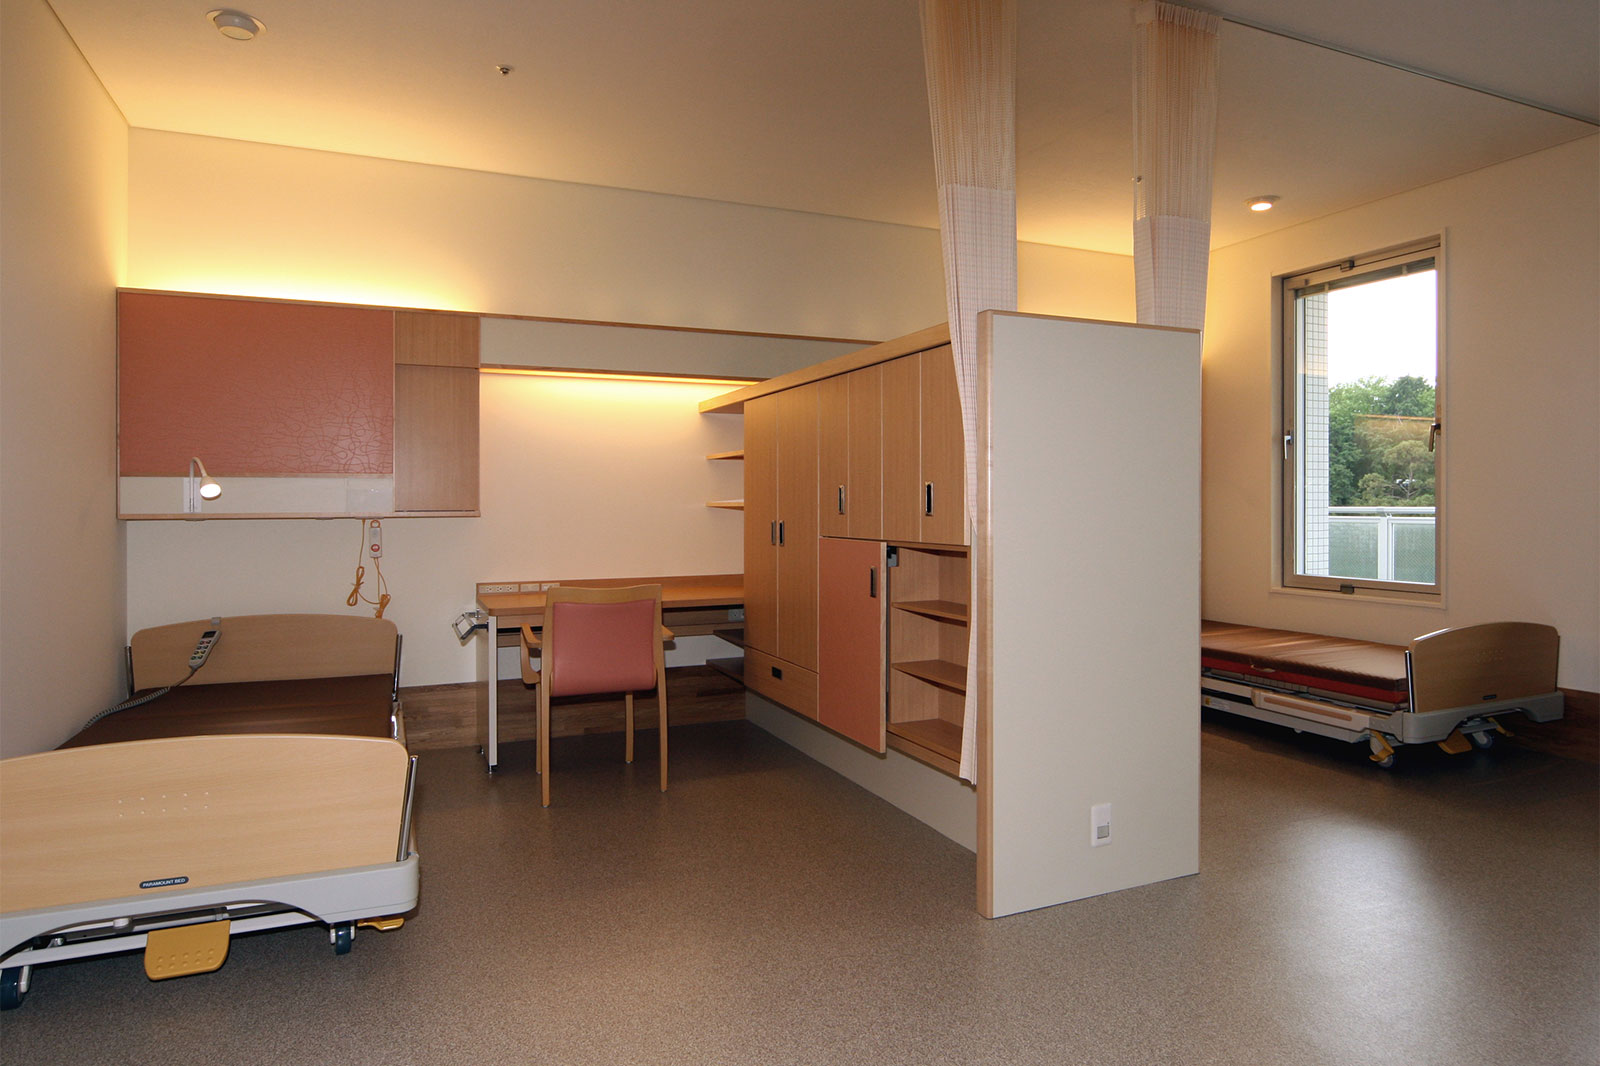 船橋市立リハビリテーション病院